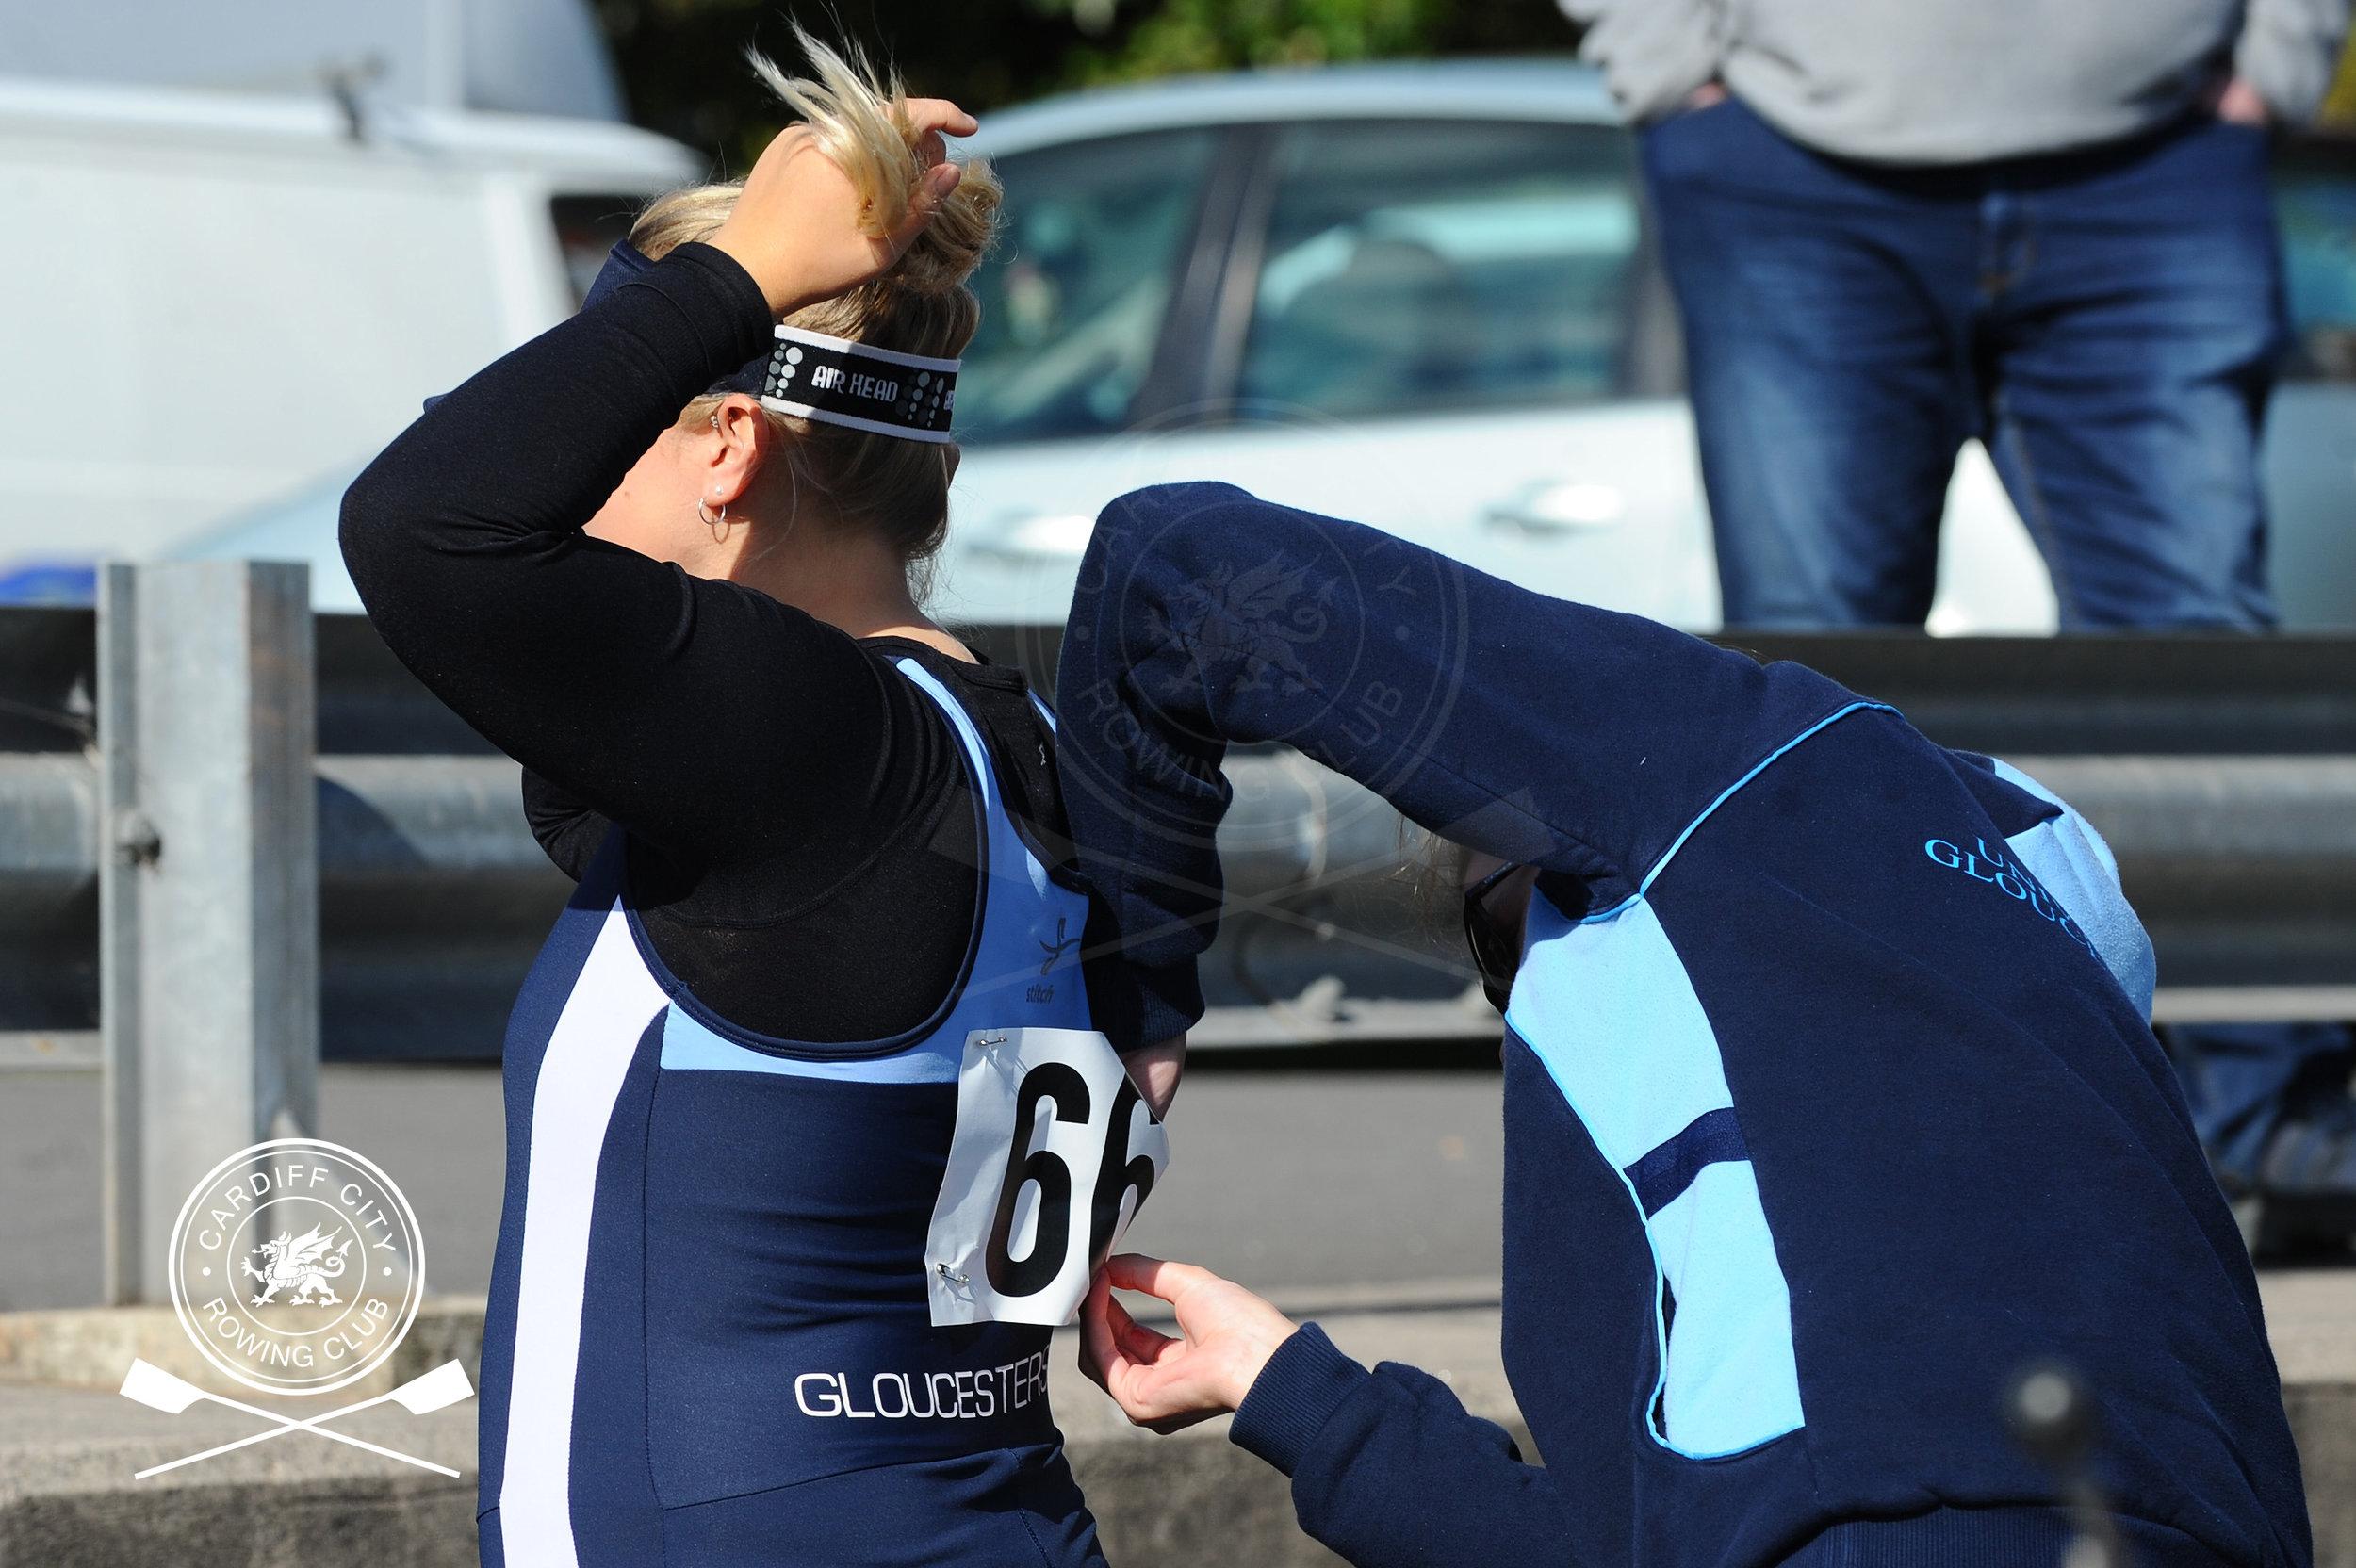 Cardiff_City_Head_Race_142.jpg